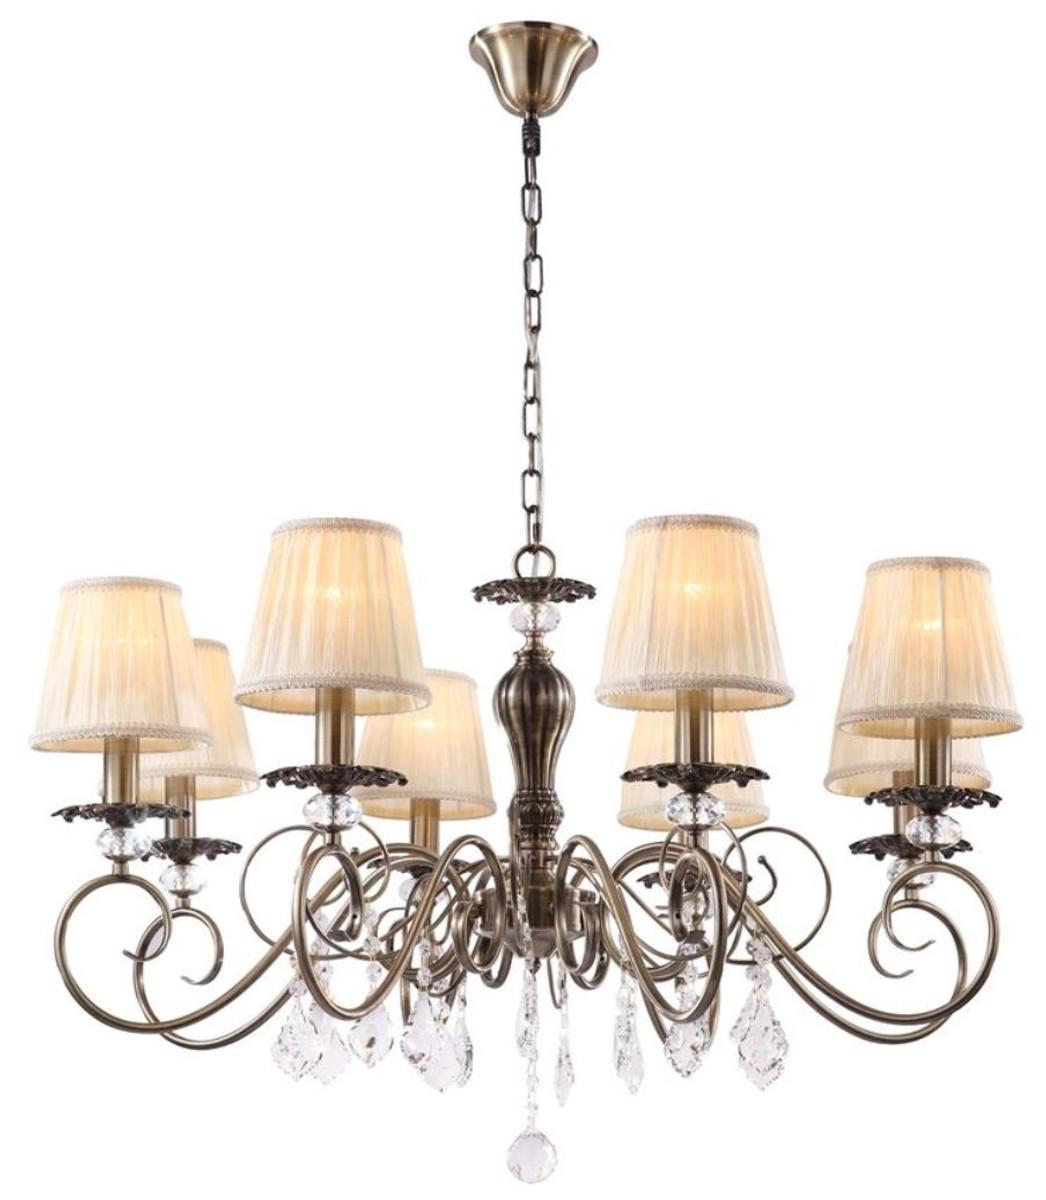 Casa padrino barock kristall kronleuchter bronze creme 83 x h 52 cm wohnzimmerm bel im - Kronleuchter barock ...